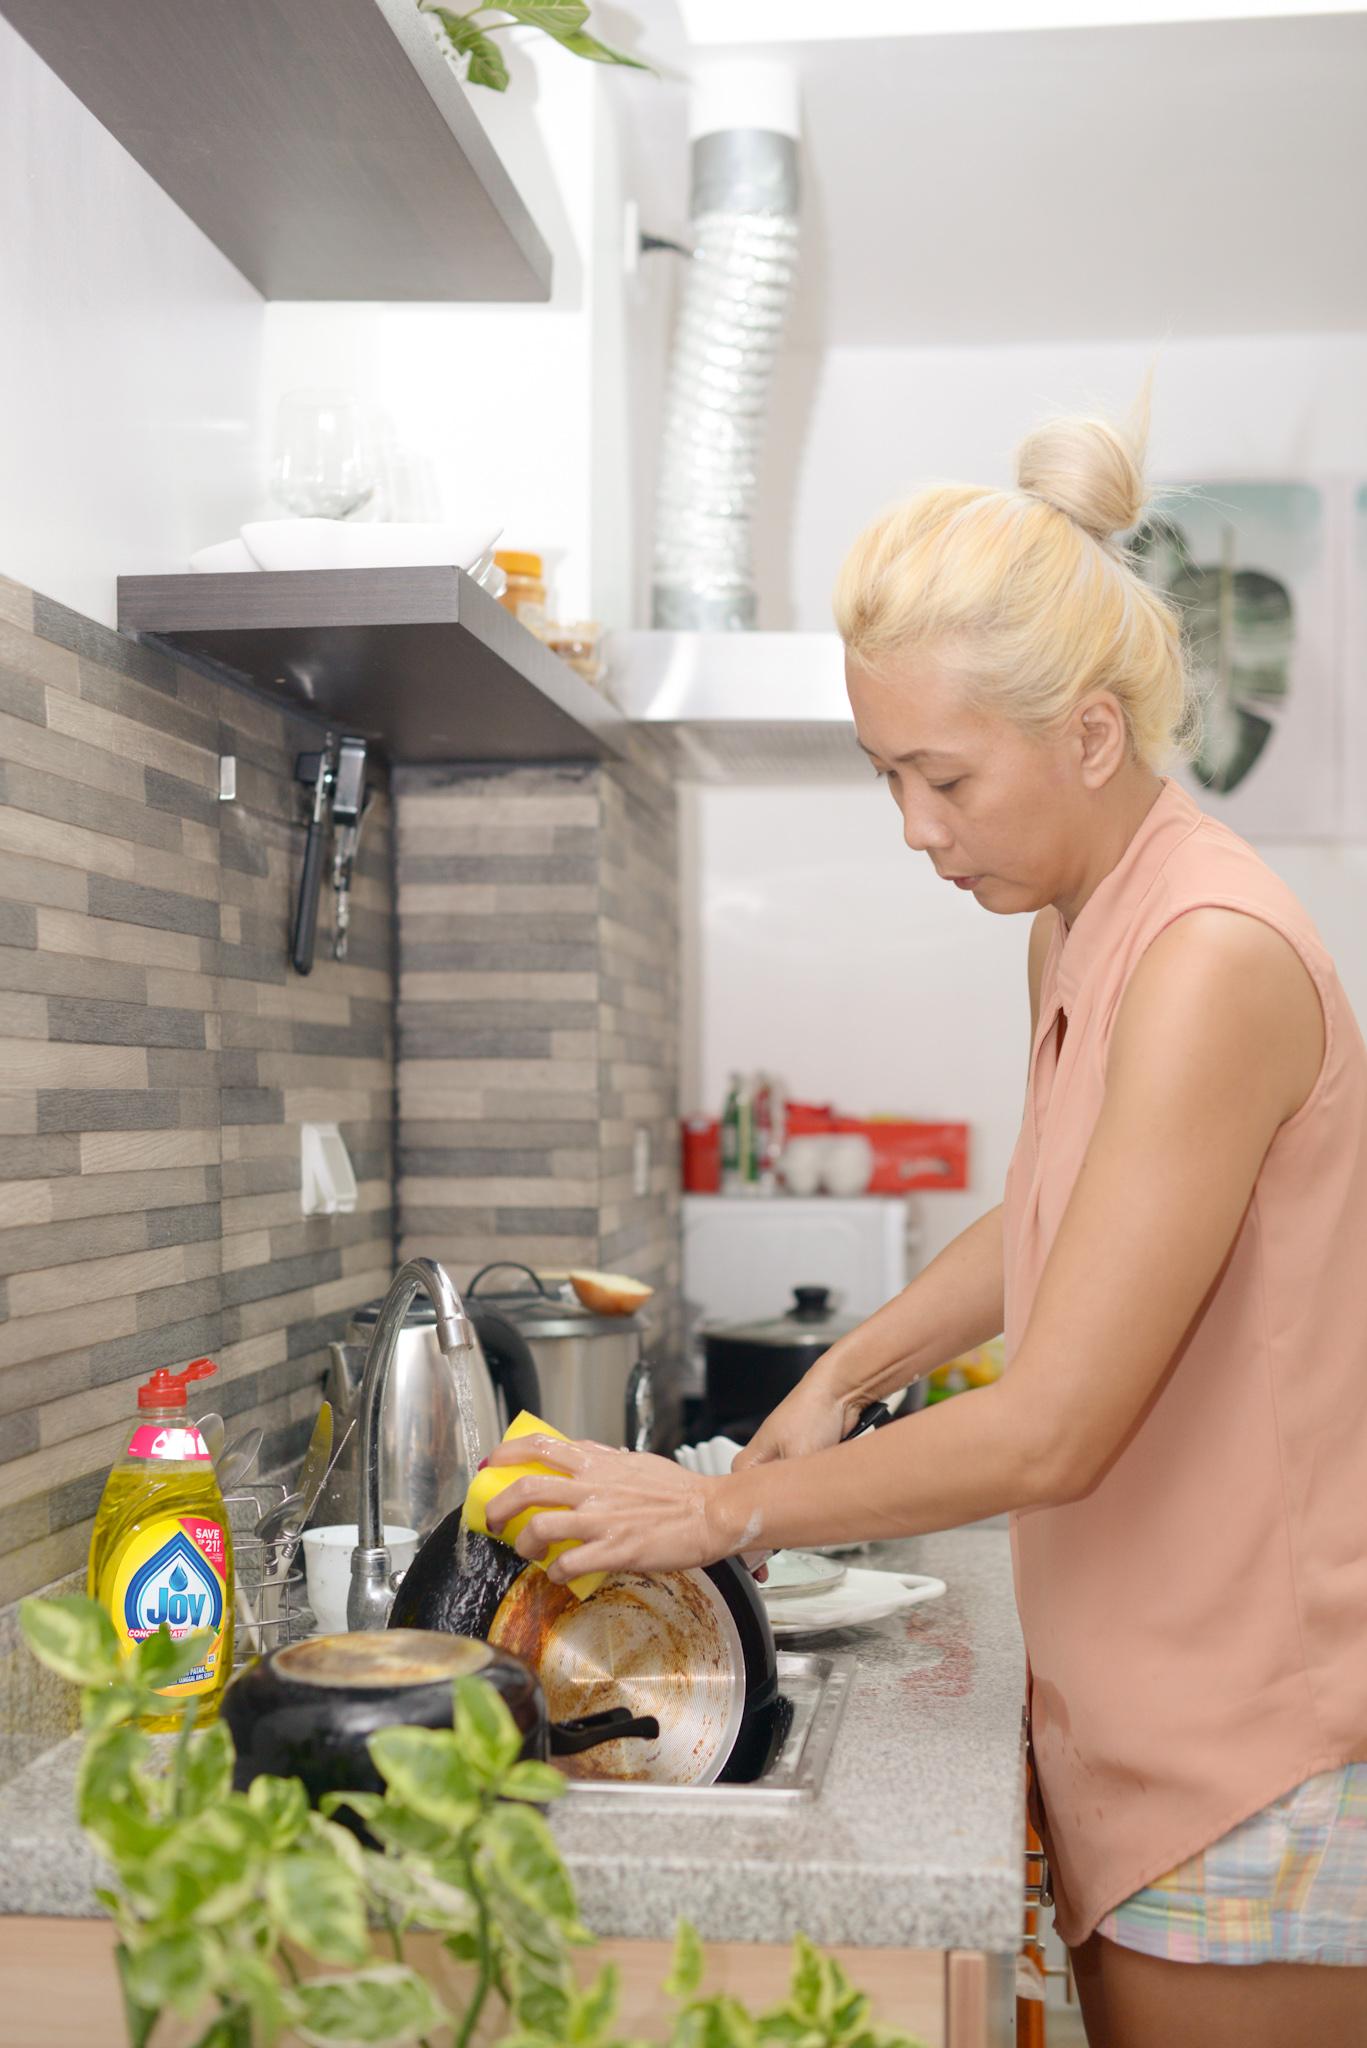 Worry-Free Days with Joy - Easy Kitchen Hacks with Joy Dishwashing Liquid